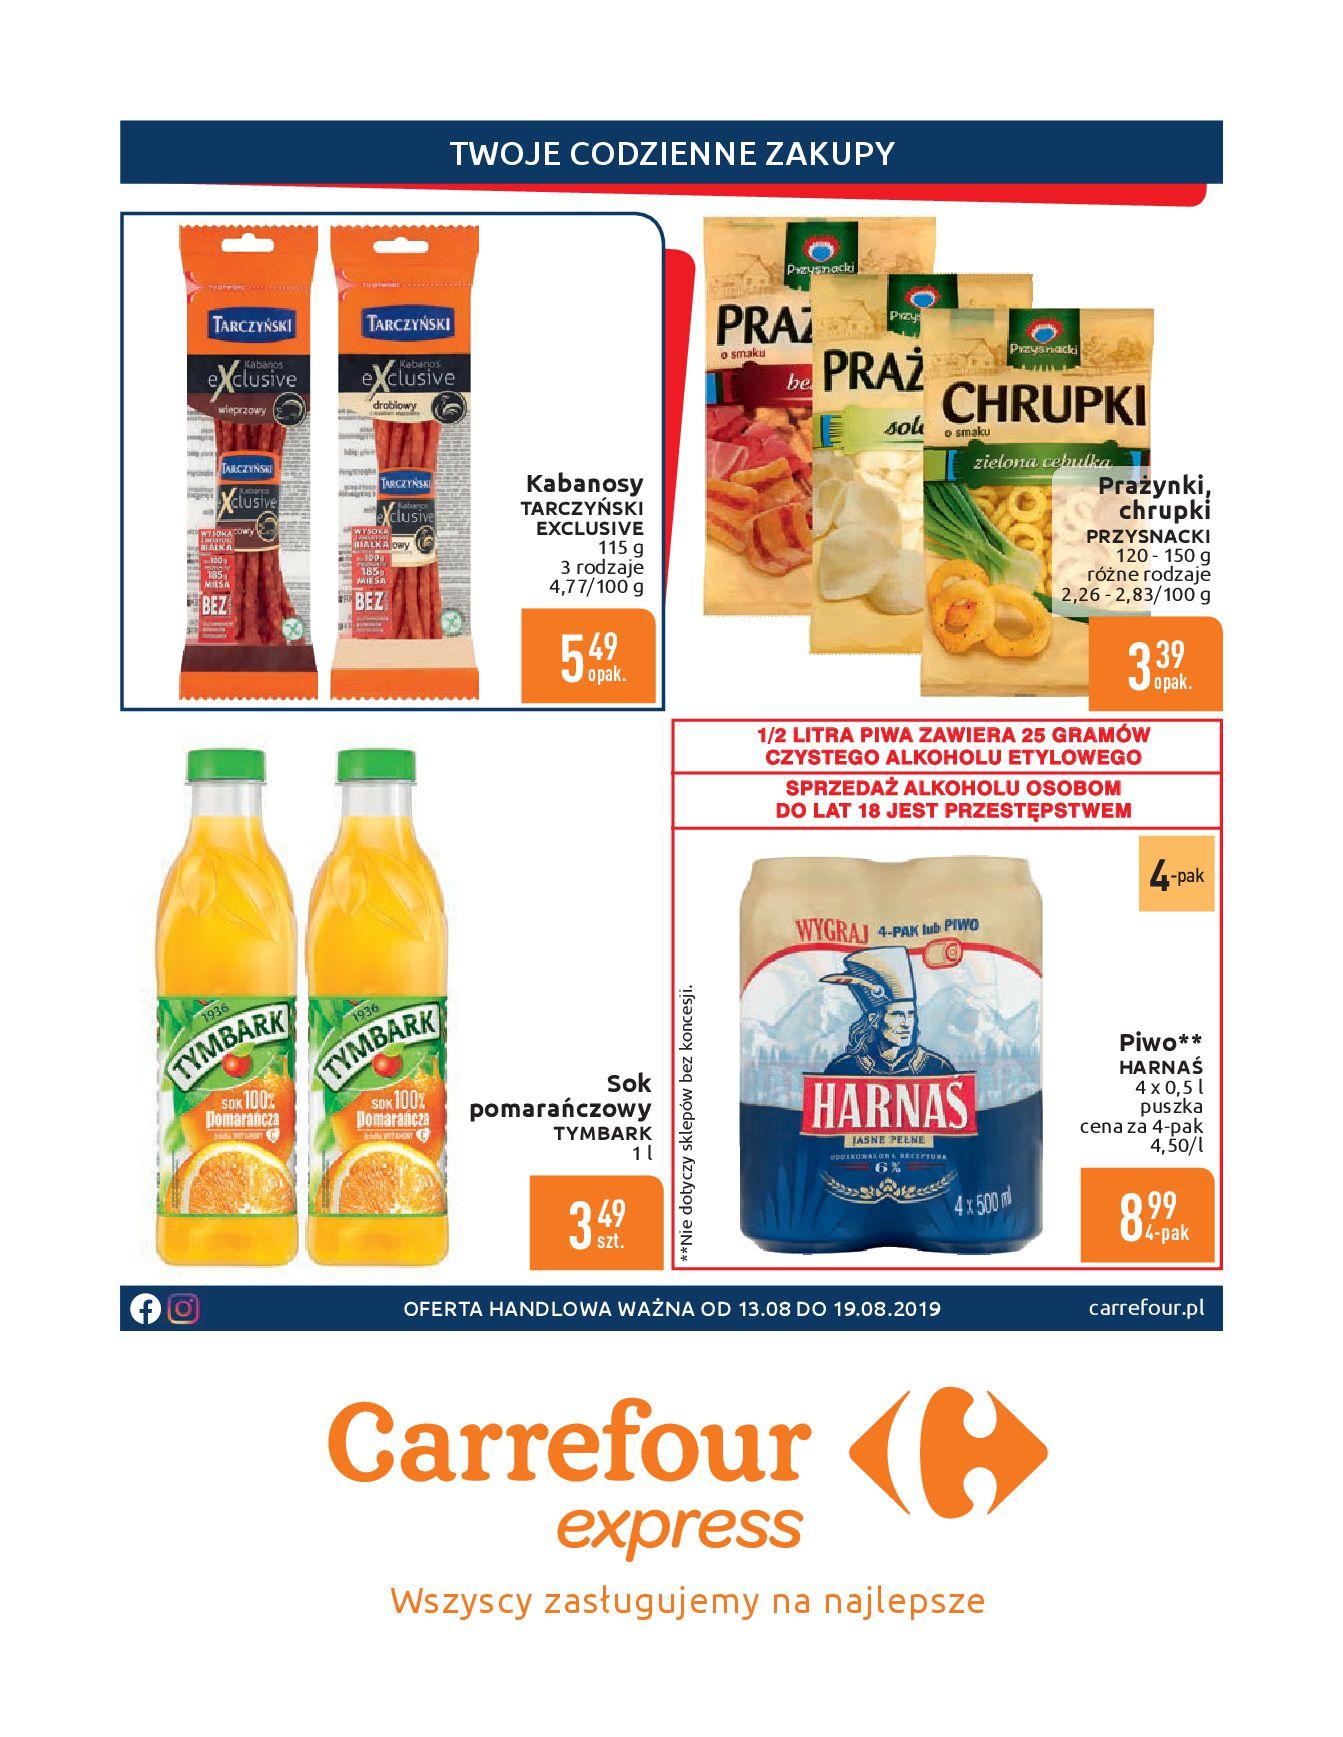 Gazetka Carrefour Express - Gdy zakupy rosną, to ceny maleją ekspresowo-12.08.2019-19.08.2019-page-2